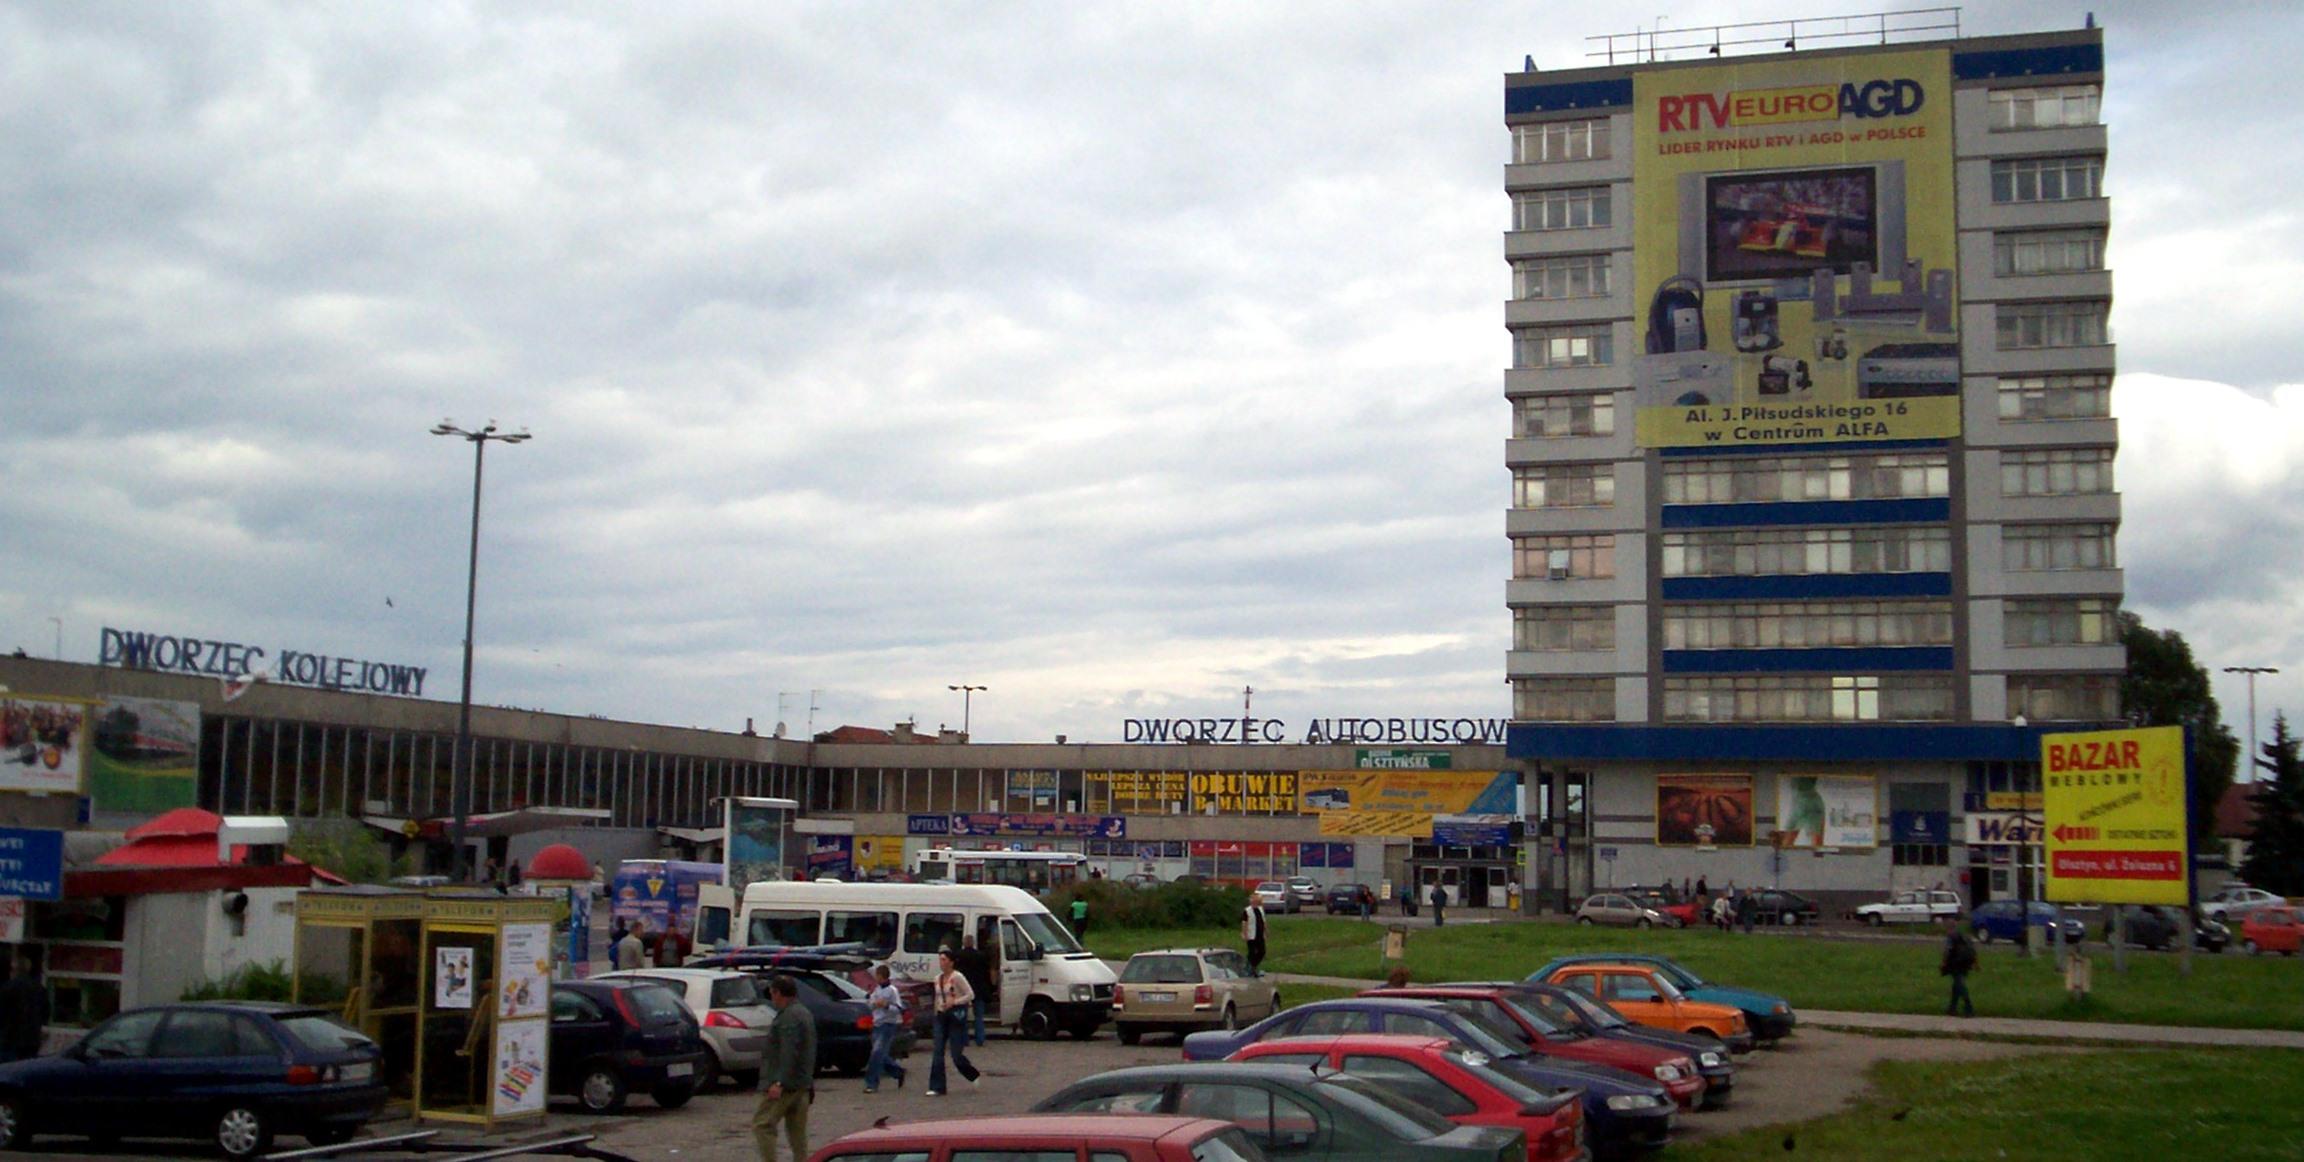 Die Tage des Hauptbahnhofs Olsztyn sind gezählt, Foto: Serdelll, GFDL,CC BY-SA 3.0,CC-BY-2.5